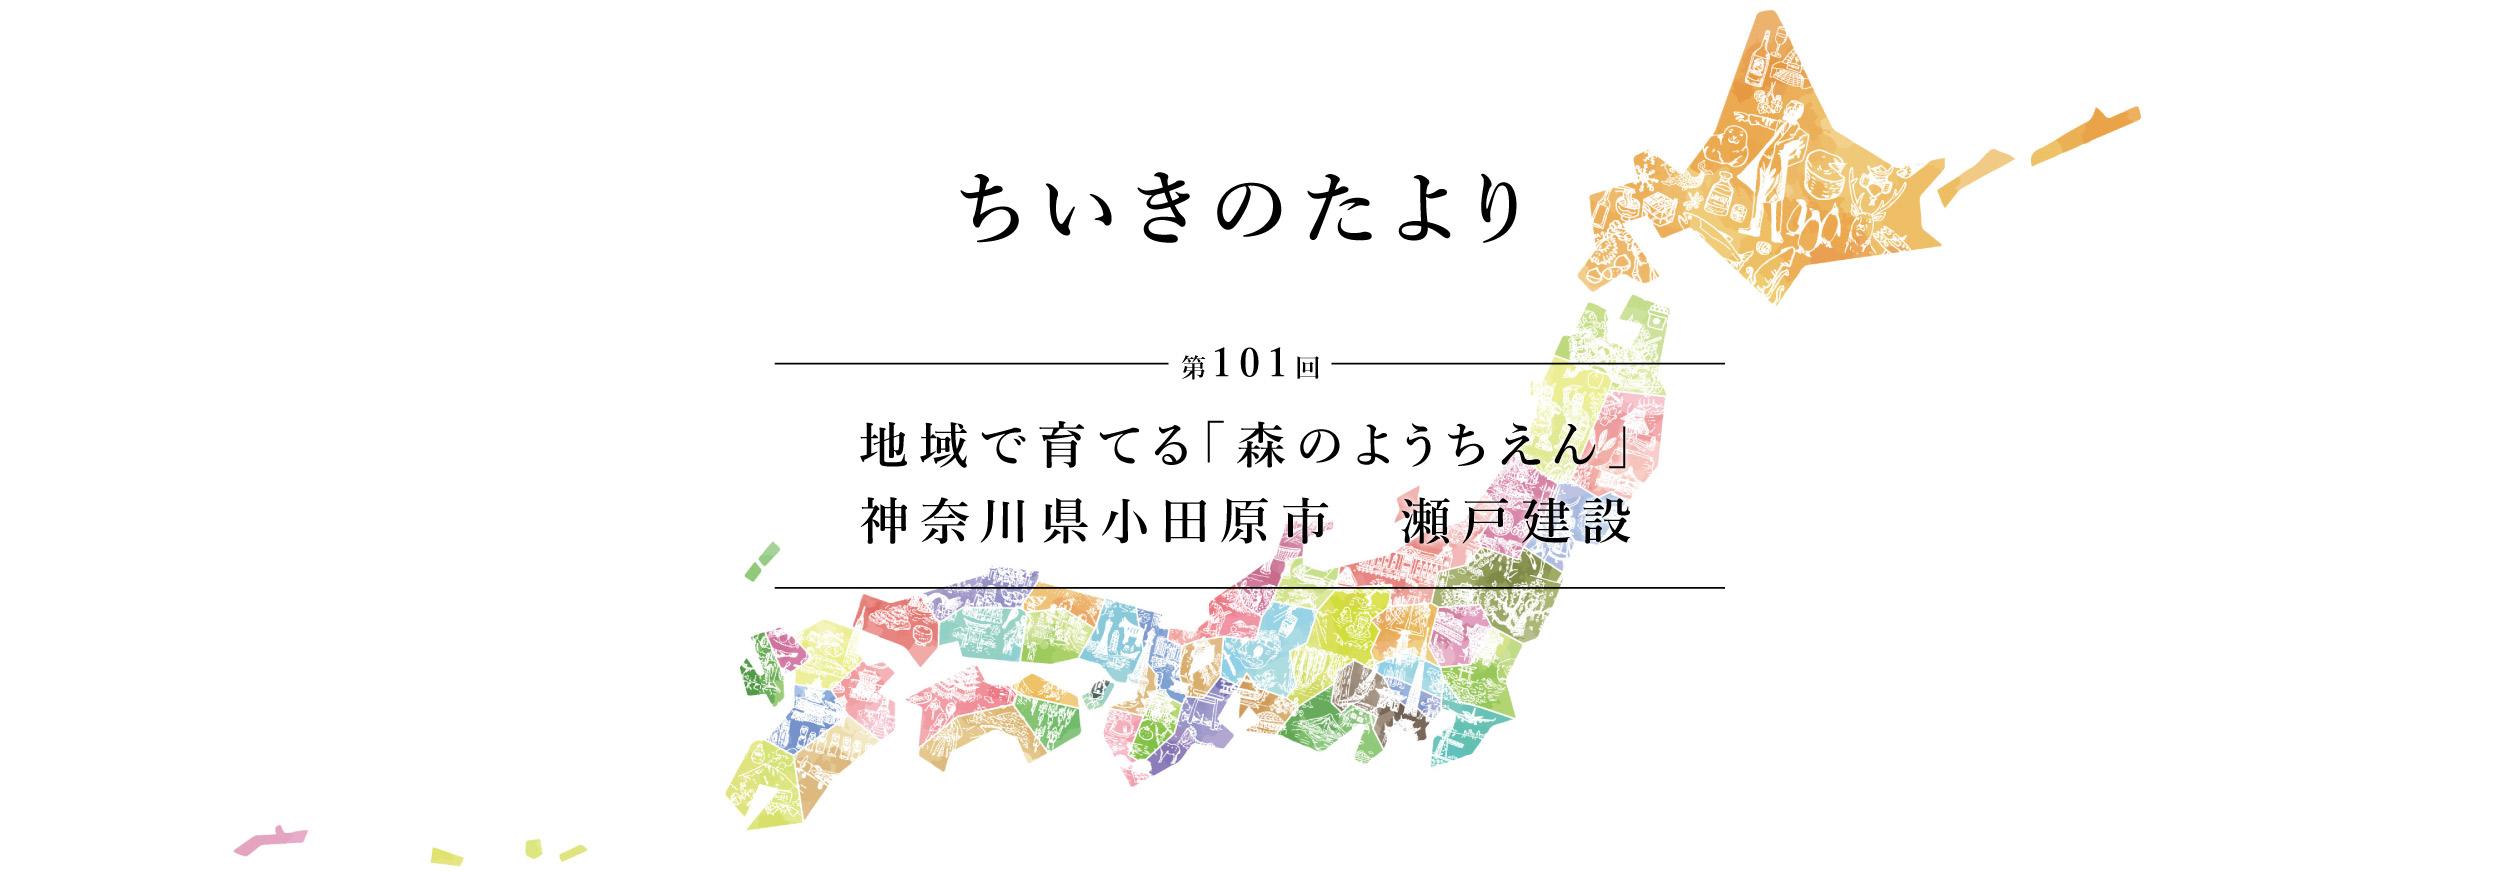 ちいきのたより第101回地域で育てる森の幼稚園神奈川県小田原市瀬戸建設